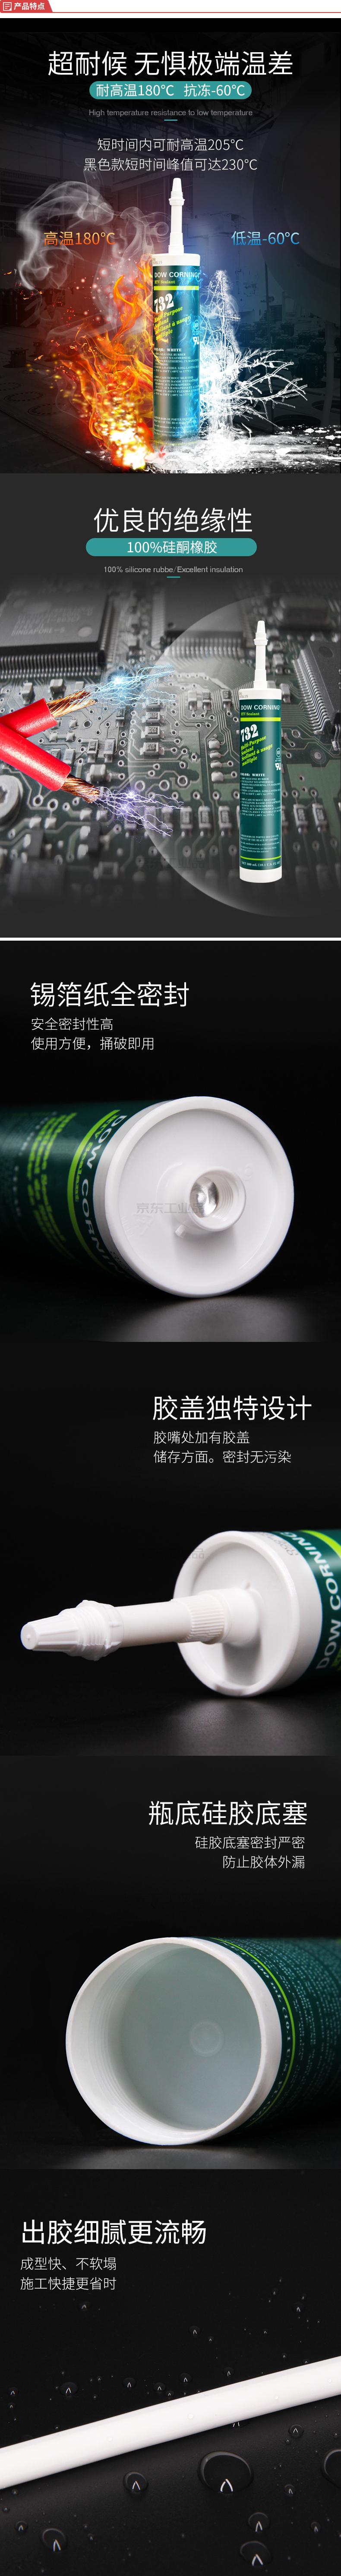 陶熙(DOWSIL) 道康宁732食品级有机硅密封胶,300ml/支,黑色,12支/箱;732 MULTI-PURPOSE SEALANT,BLACK